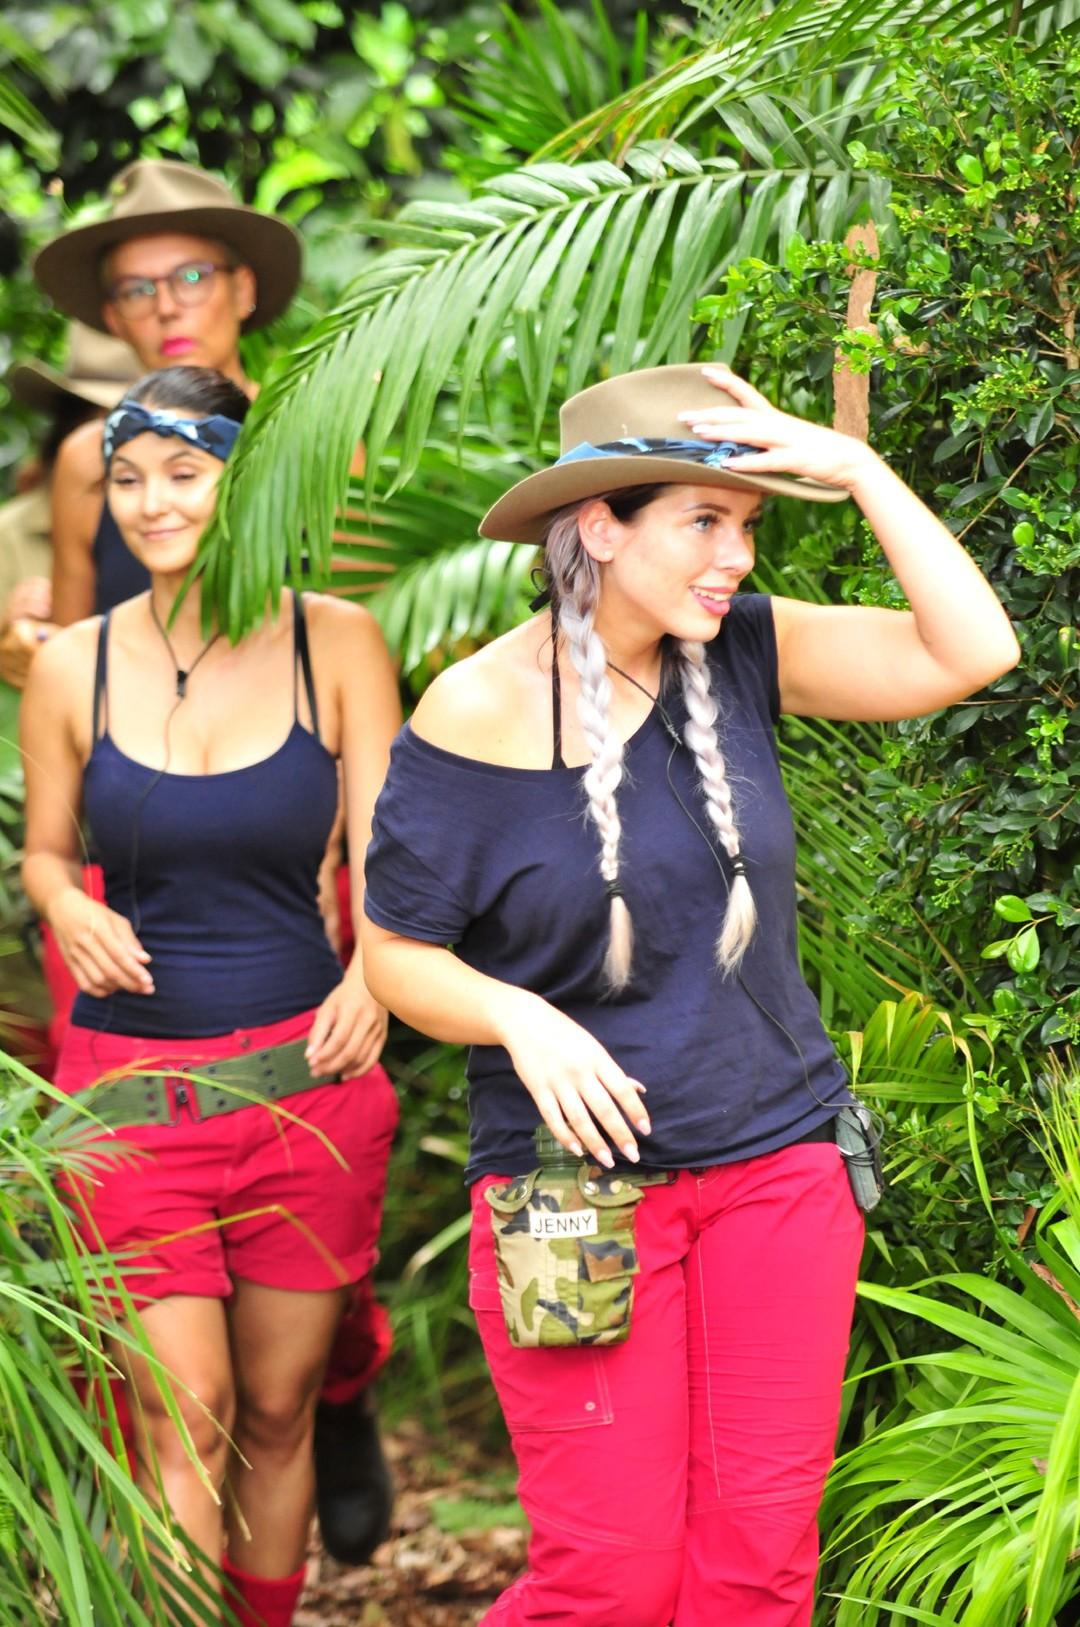 Dschungelcamp: Notfalleinsatz von Dr. Bob - Bild 4 von 65